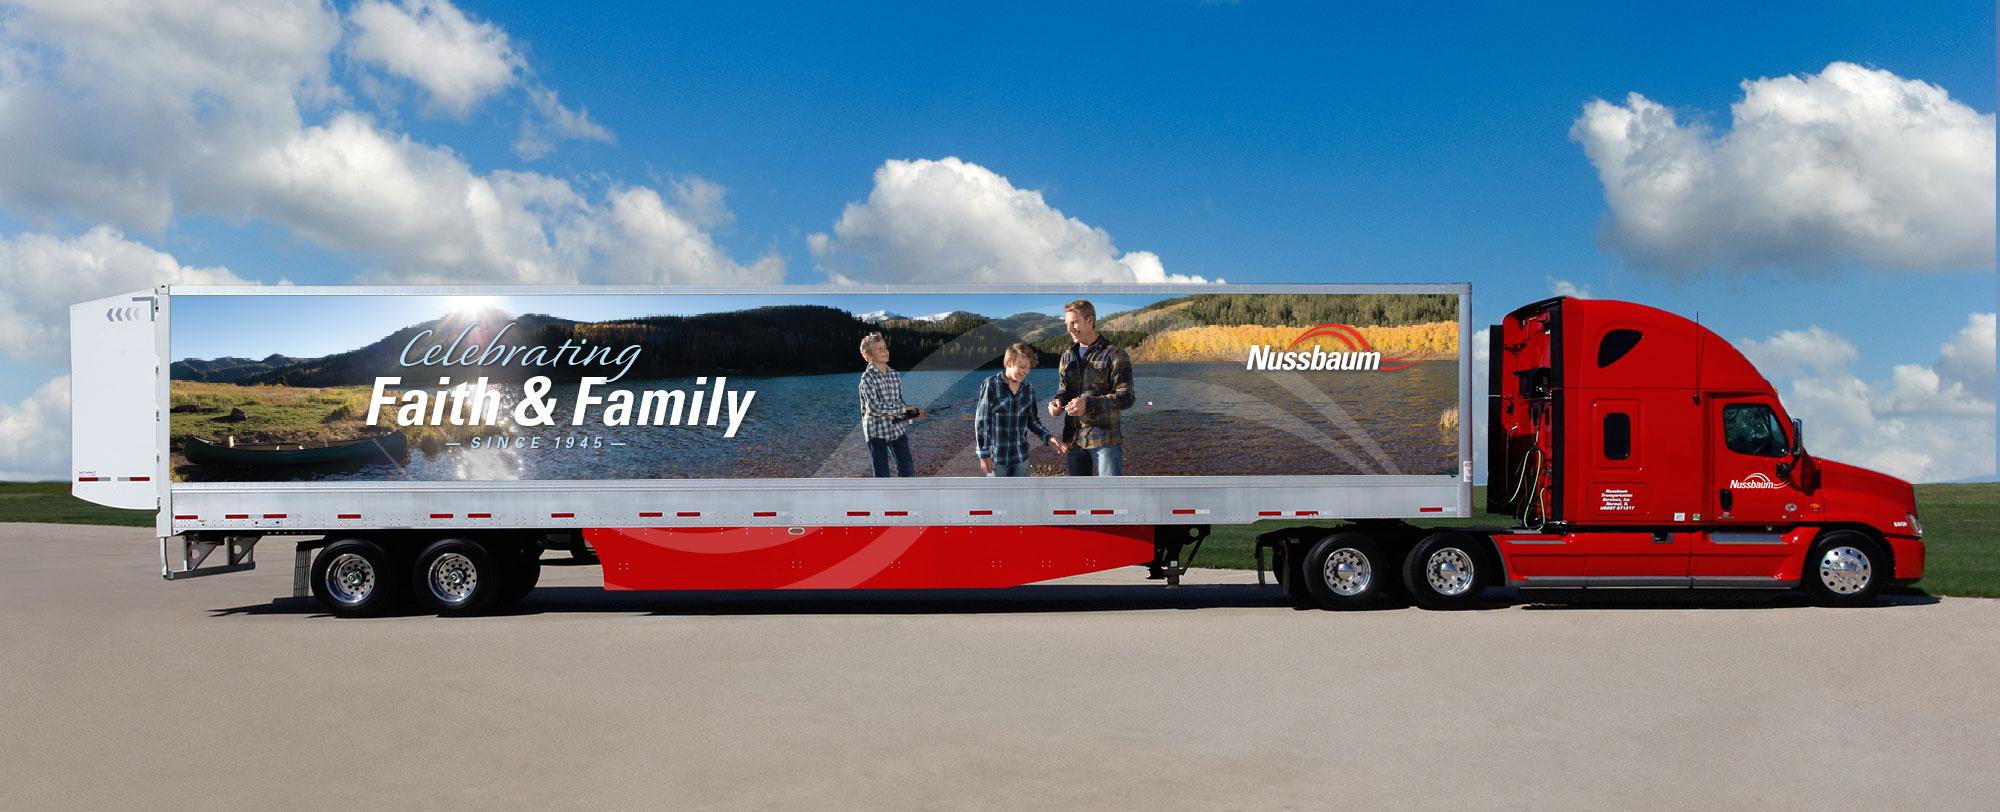 nussbaum_faith_family_02